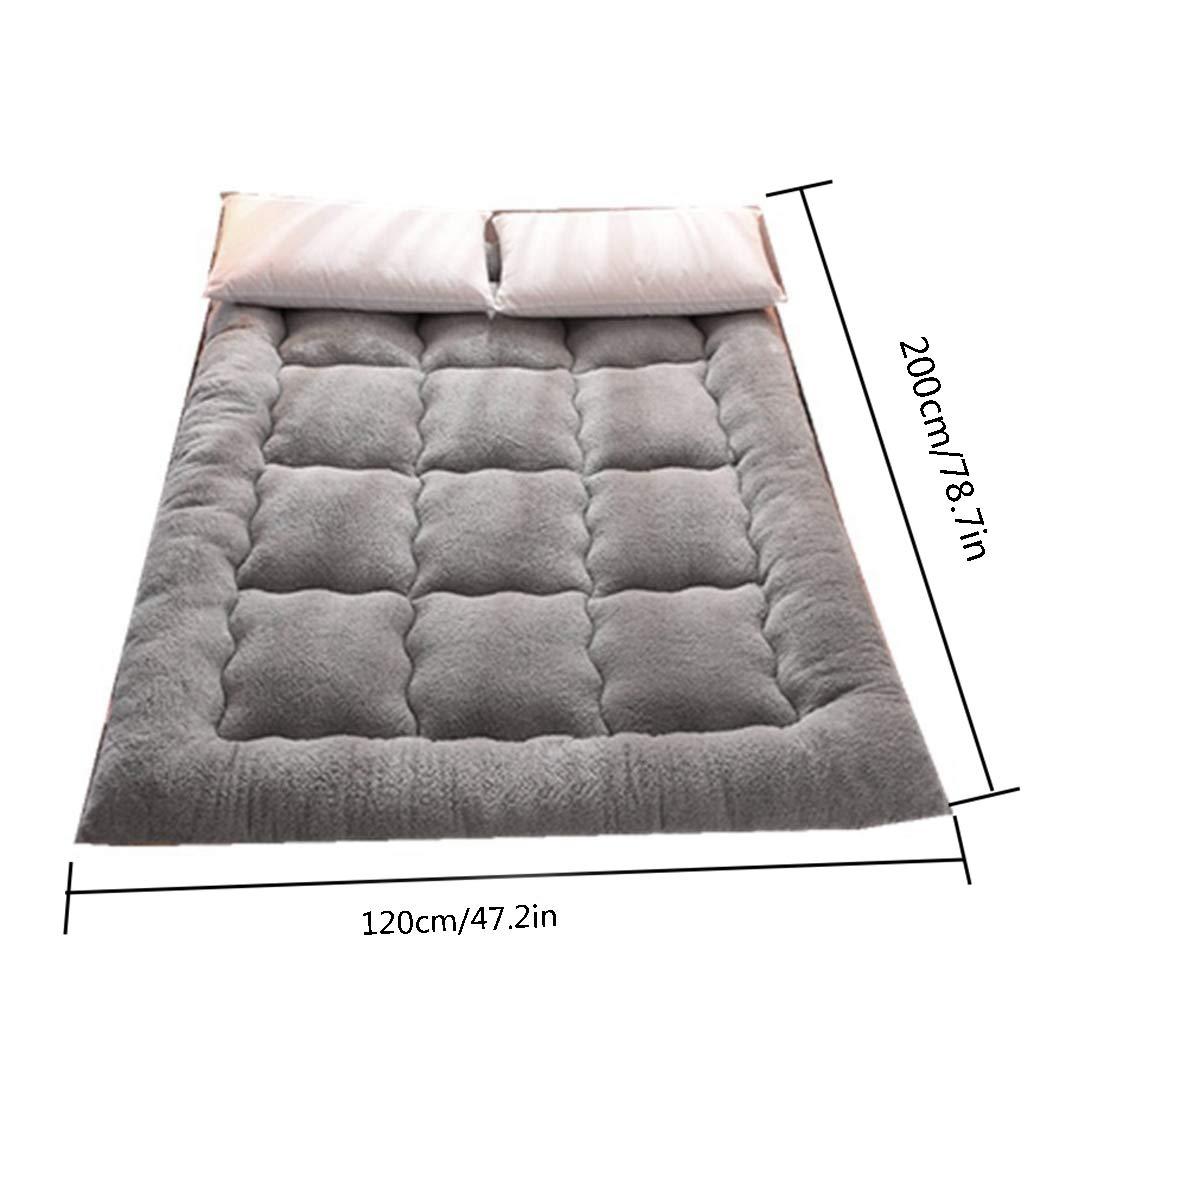 Balapig mattress Colchón de Terciopelo Grueso de la colección Home ...